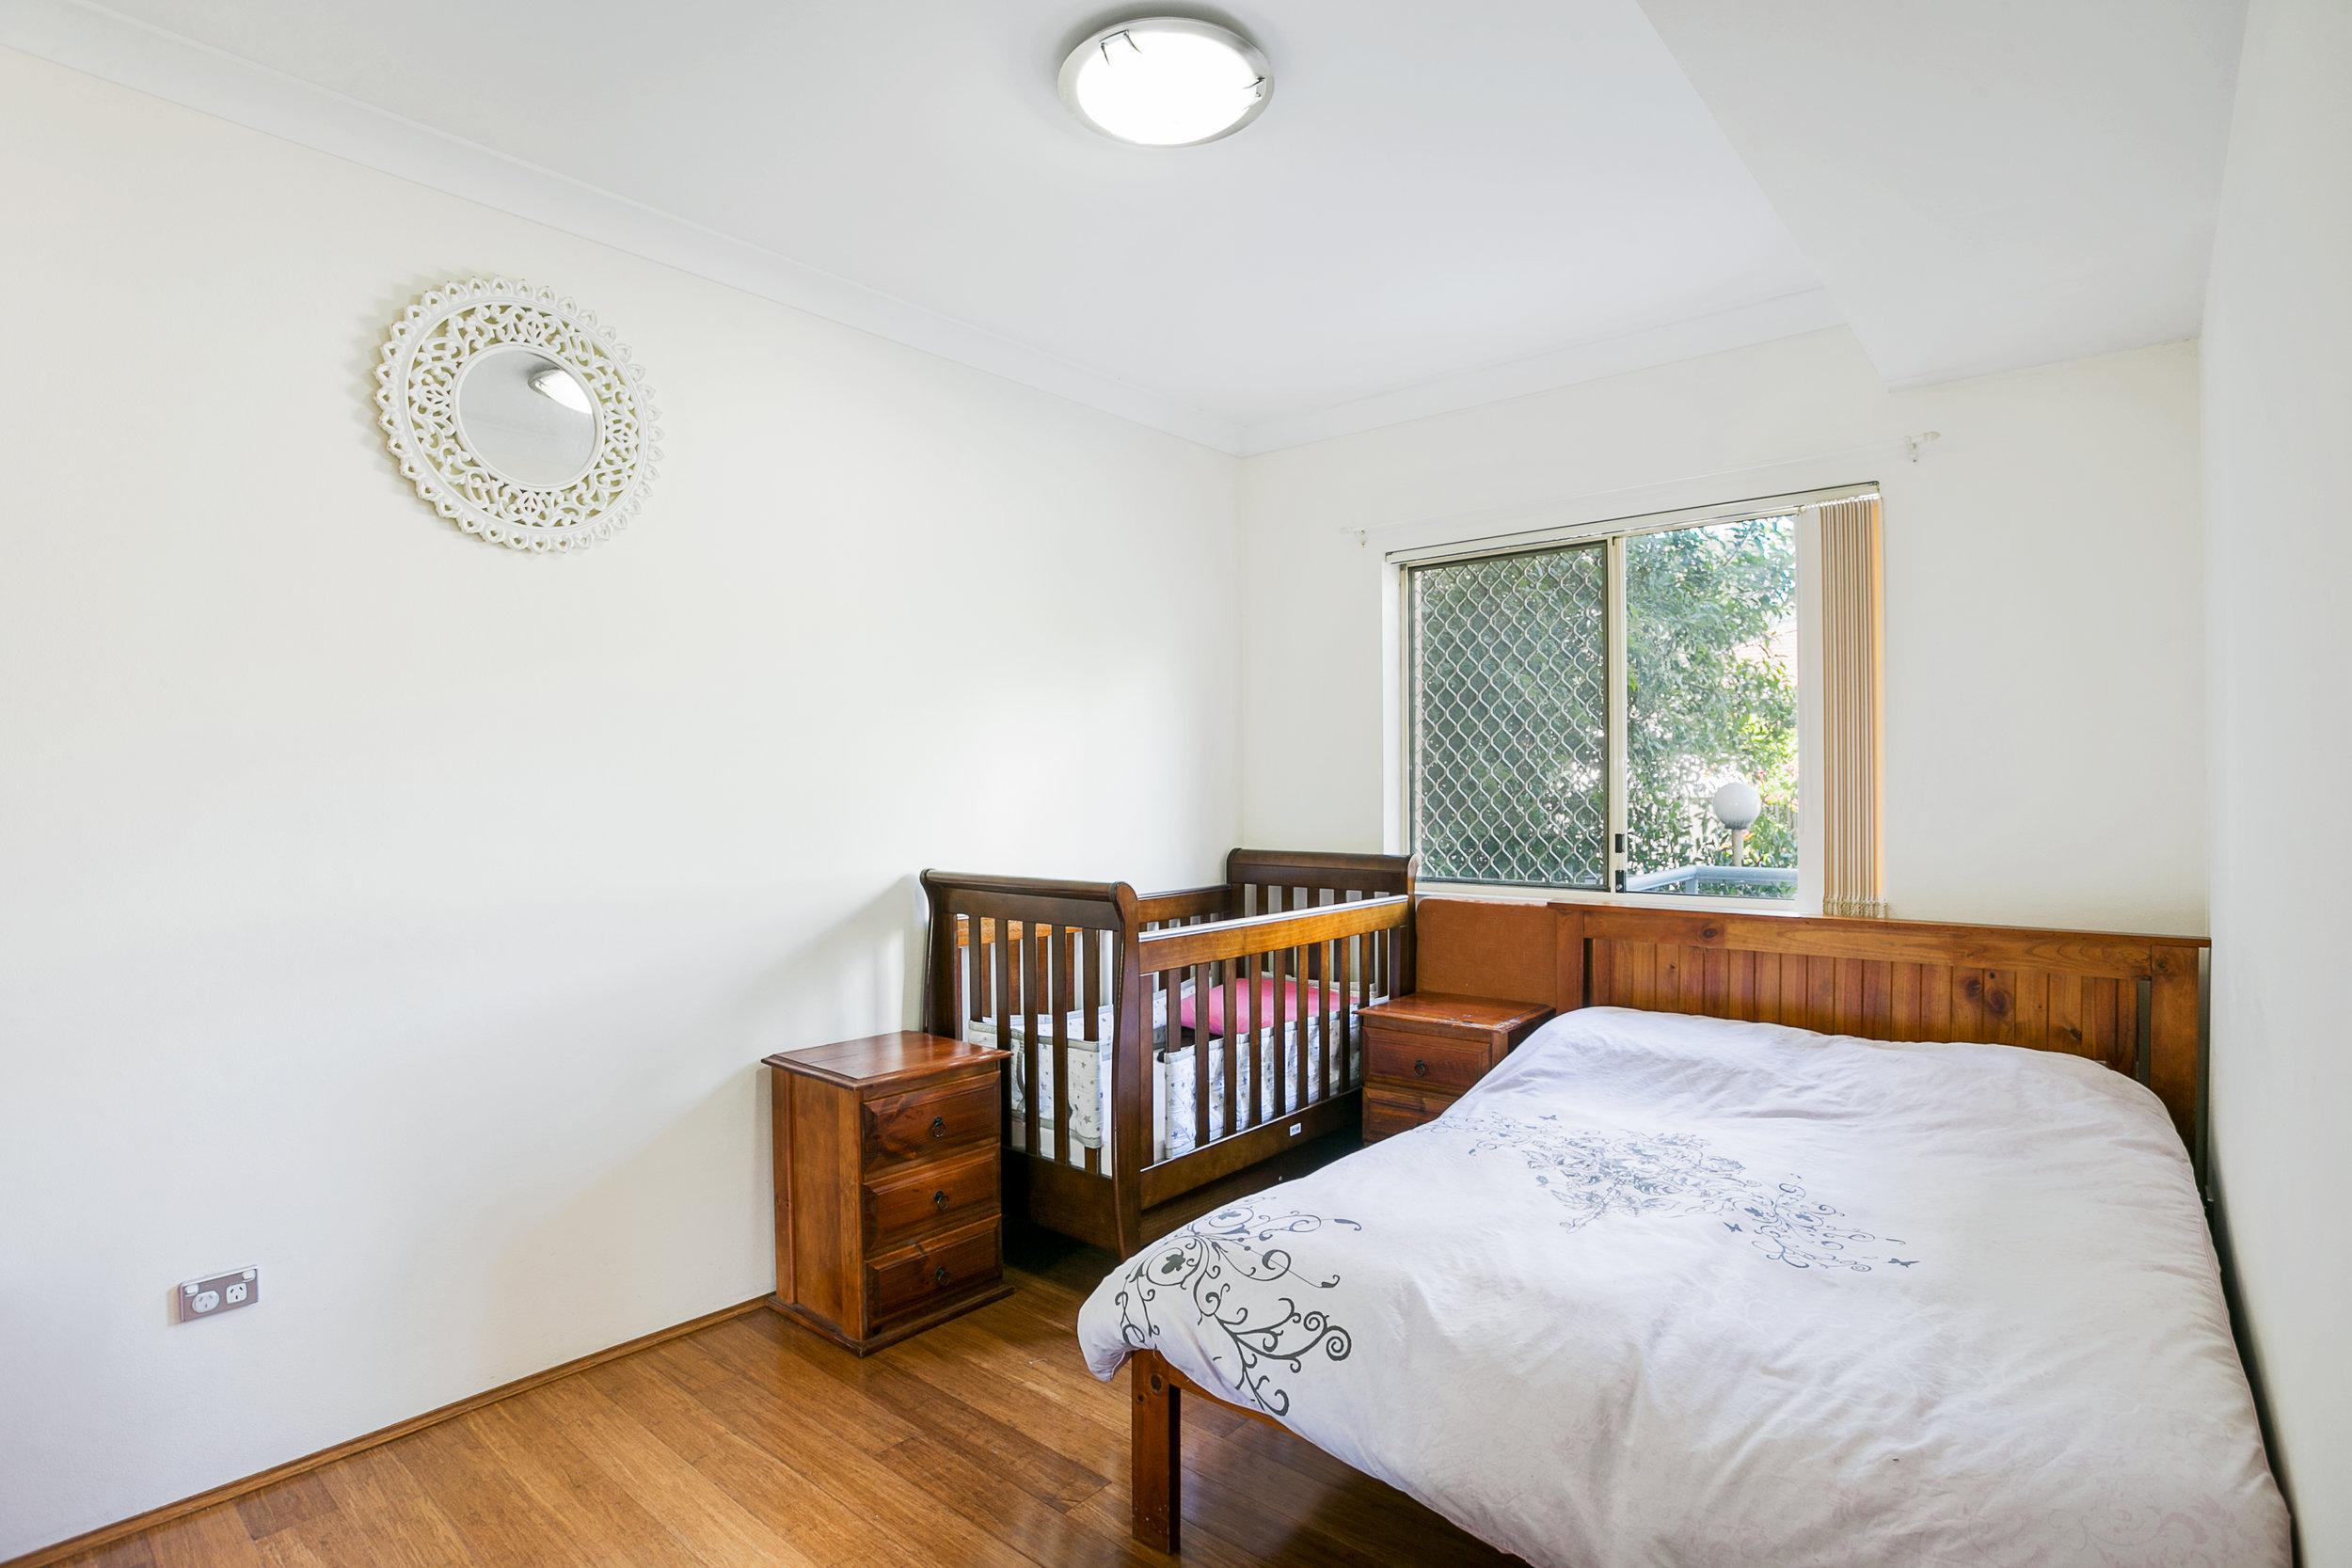 4-10-14 Crane - Bedroom Main.jpg